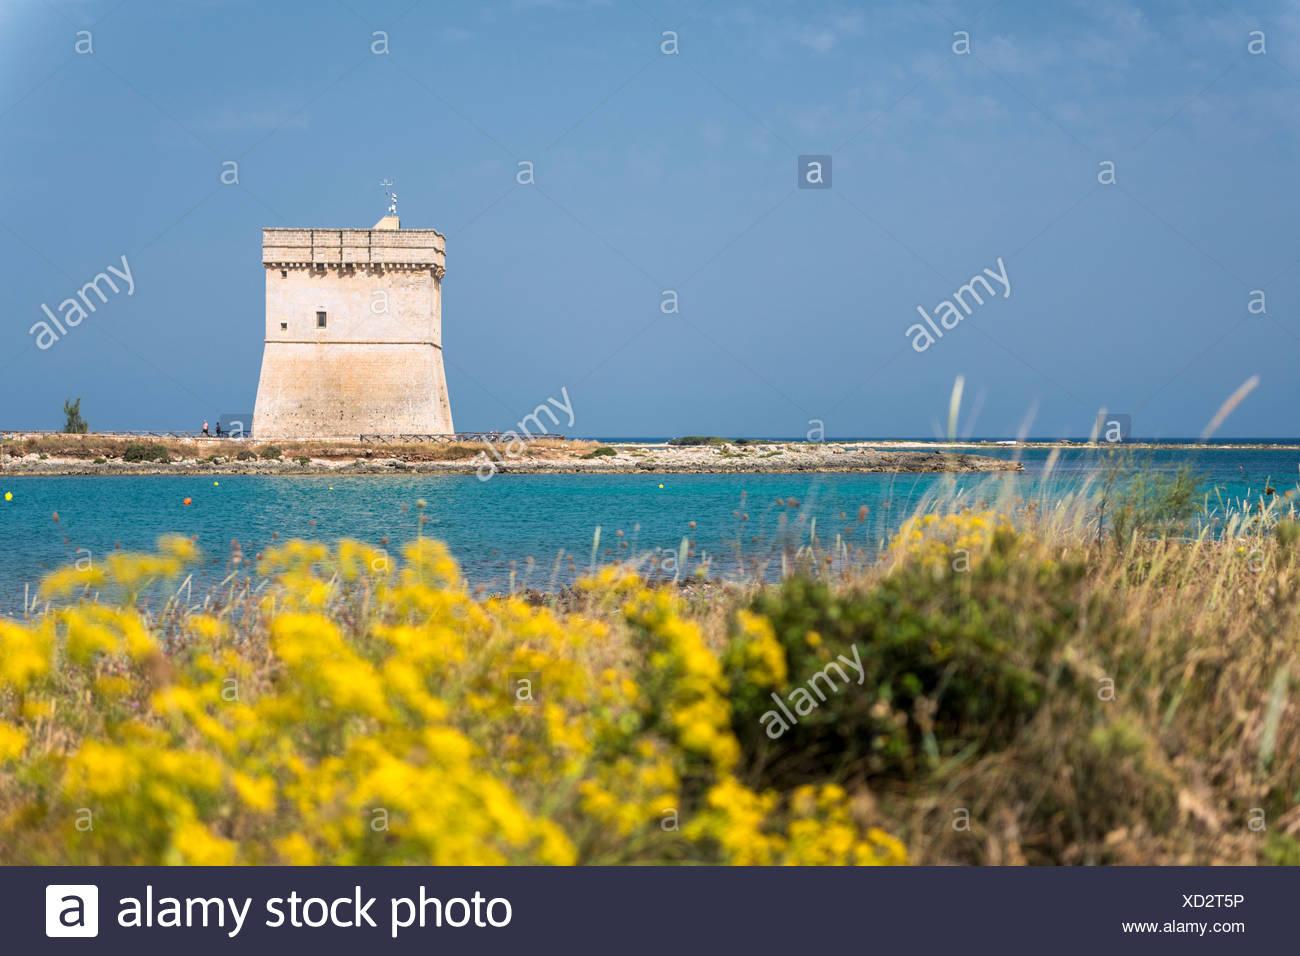 Porto Cesareo, province of Lecce, Salento, Apulia, Italy. The Chianca Tower Stock Photo